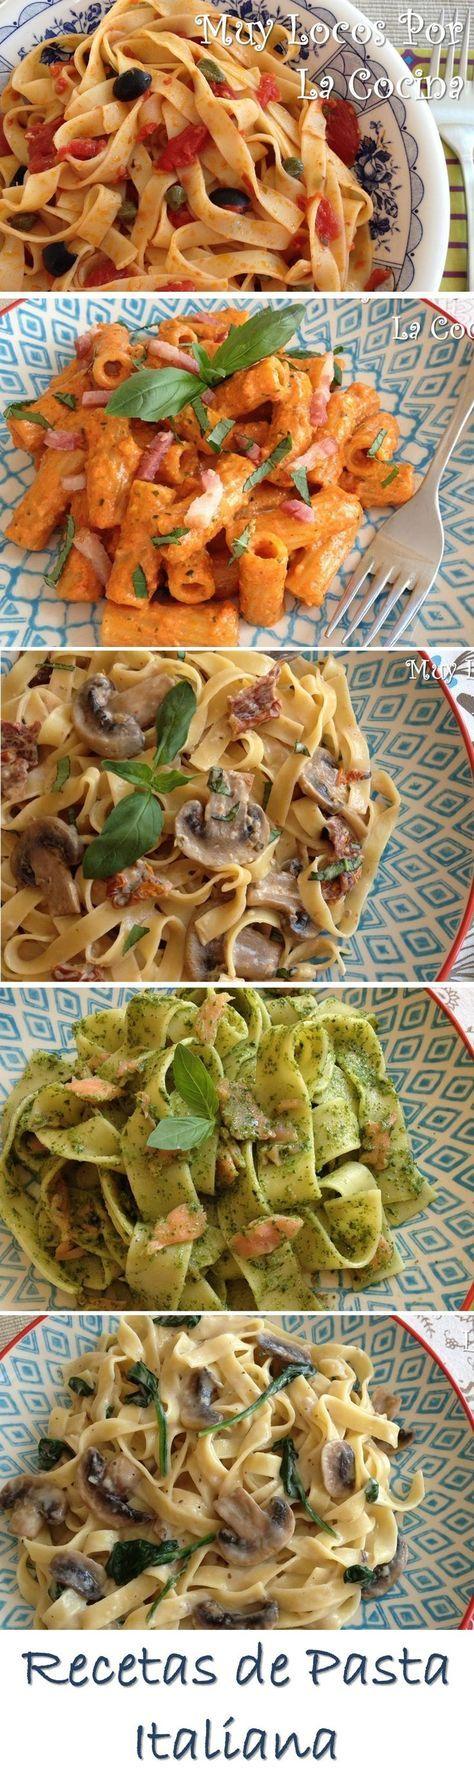 Una recopilación de las recetas de pasta italiana de Muy Locos Por La Cocina. Puedes encontrarlas en www.muylocosporlacocina.com.